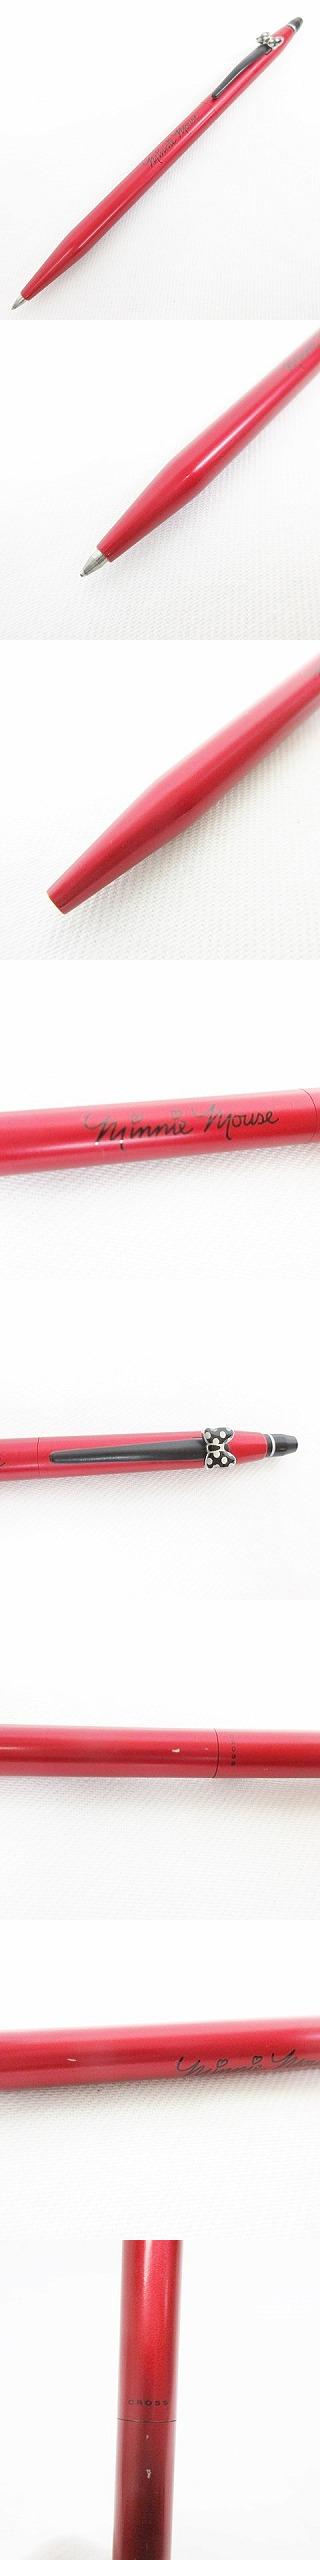 クロス CROSS 小物 文房具 筆記用具 ボールペン ディズニー ミニー  ロゴ リボン レッド マットレッド ブラック AT0625D2-8